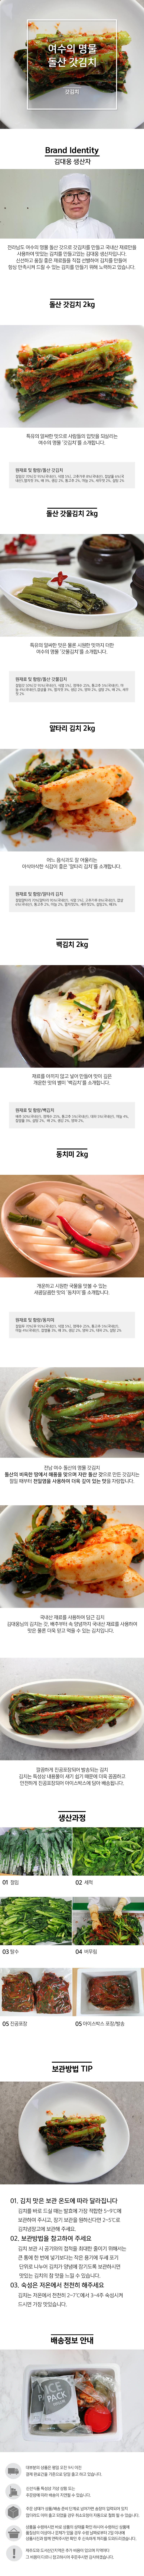 2대째 어머니손맛 전라도 김치모음 2kg - 테이스티푸드, 13,900원, 반찬, 김치